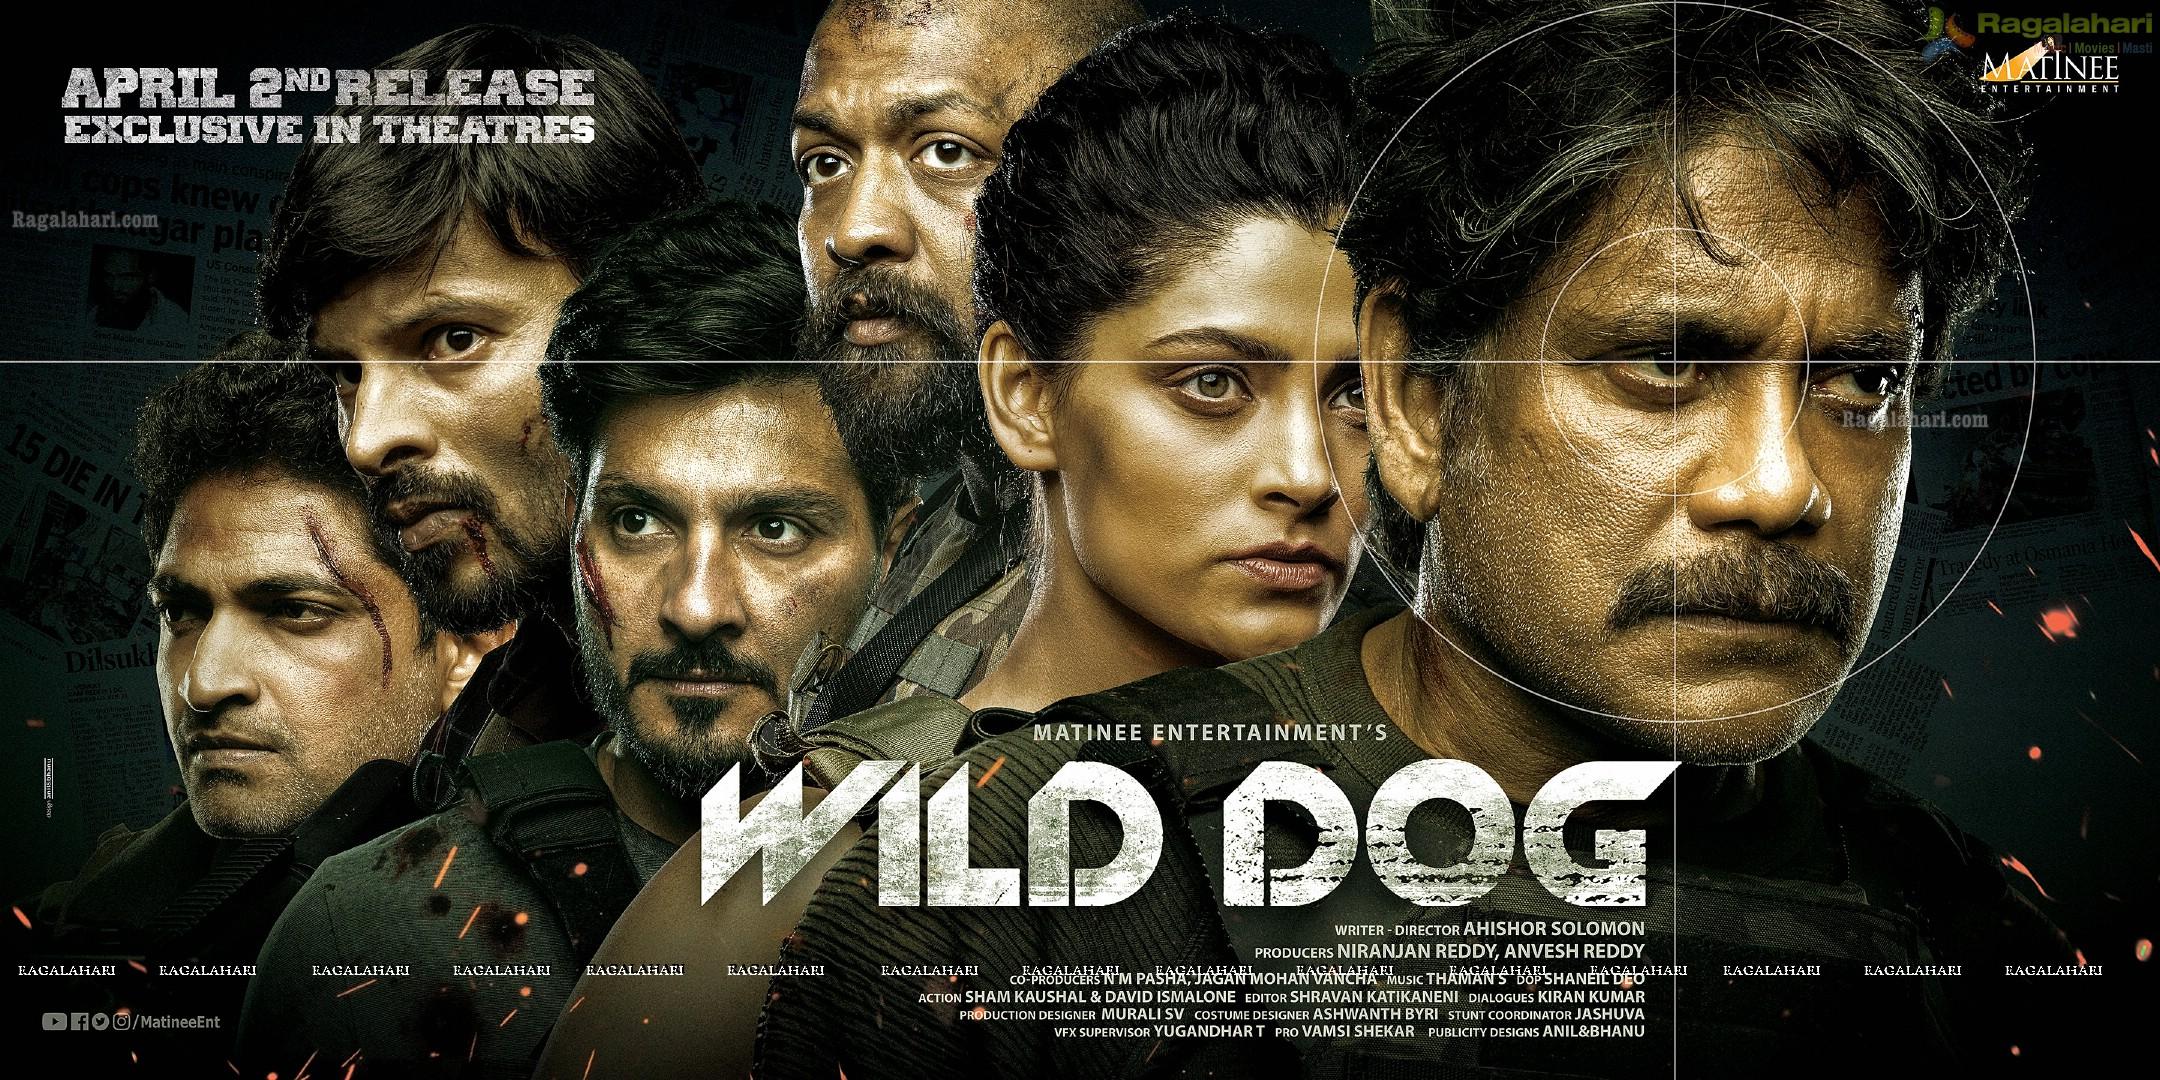 Nagarjuna Wild Dog Movie Release Date Wide Poster